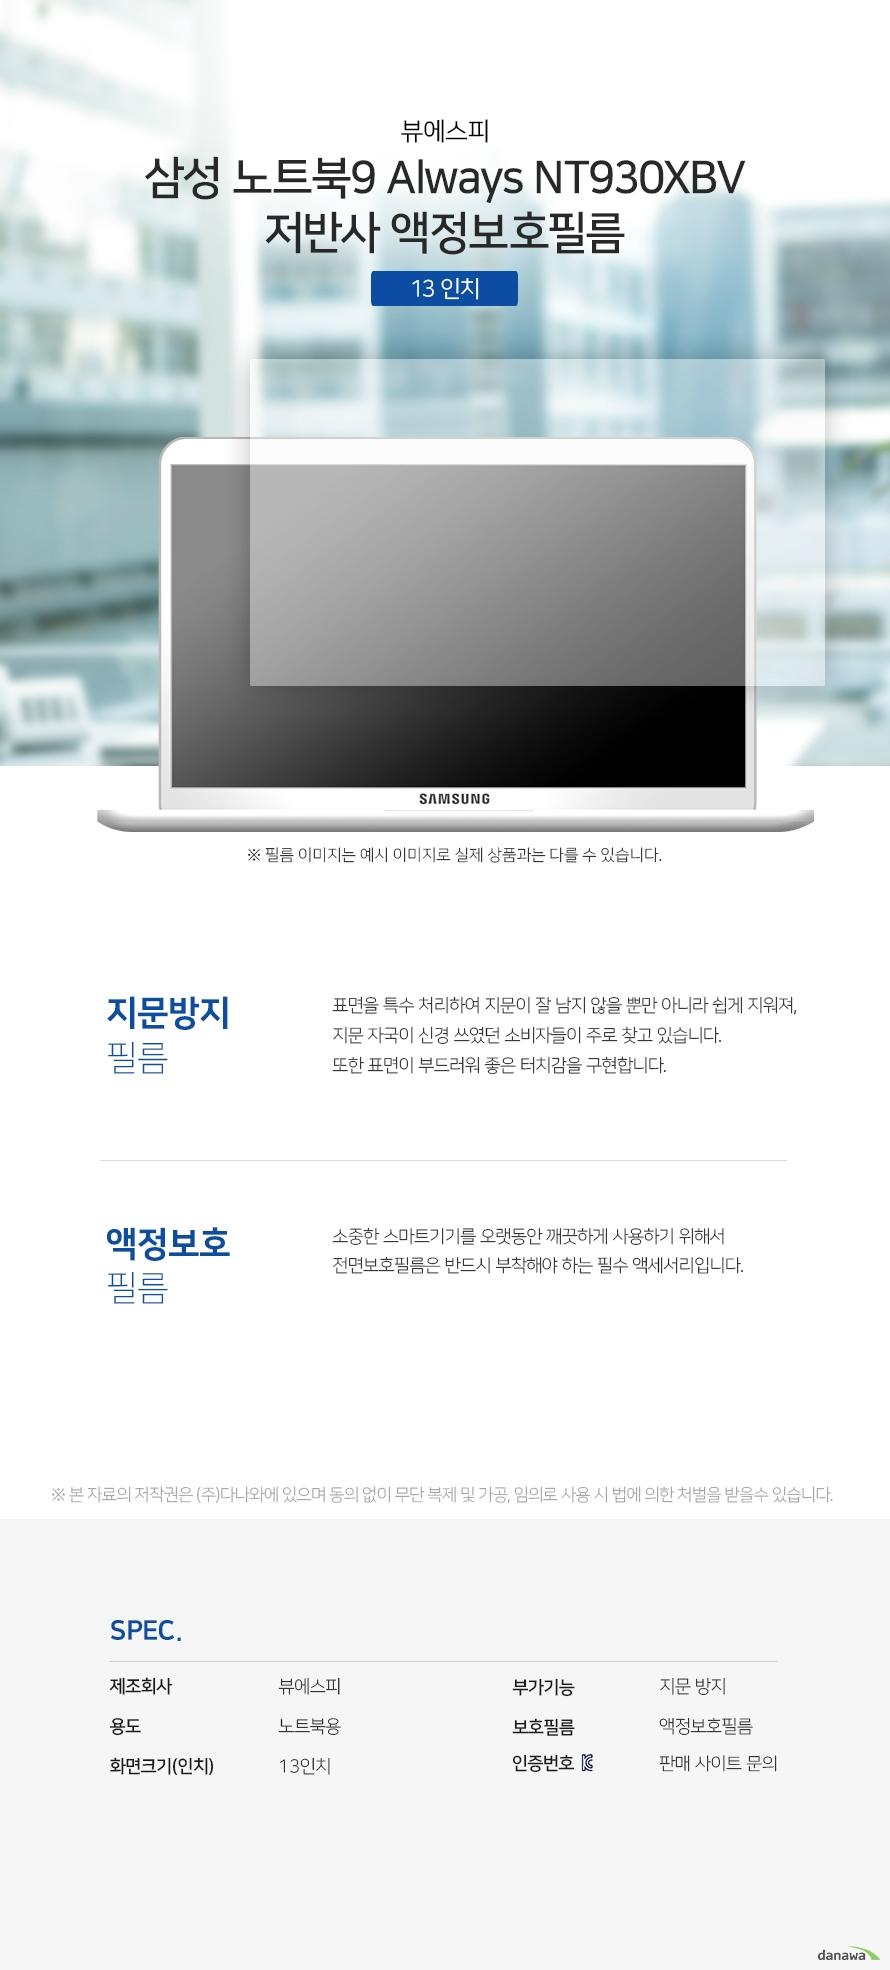 뷰에스피 삼성 노트북9 Always NT930XBV 저반사 액정보호필름 상세 스펙 액정보호용품 / 노트북용 / 액정보호필름 / 13인치 / 지문방지